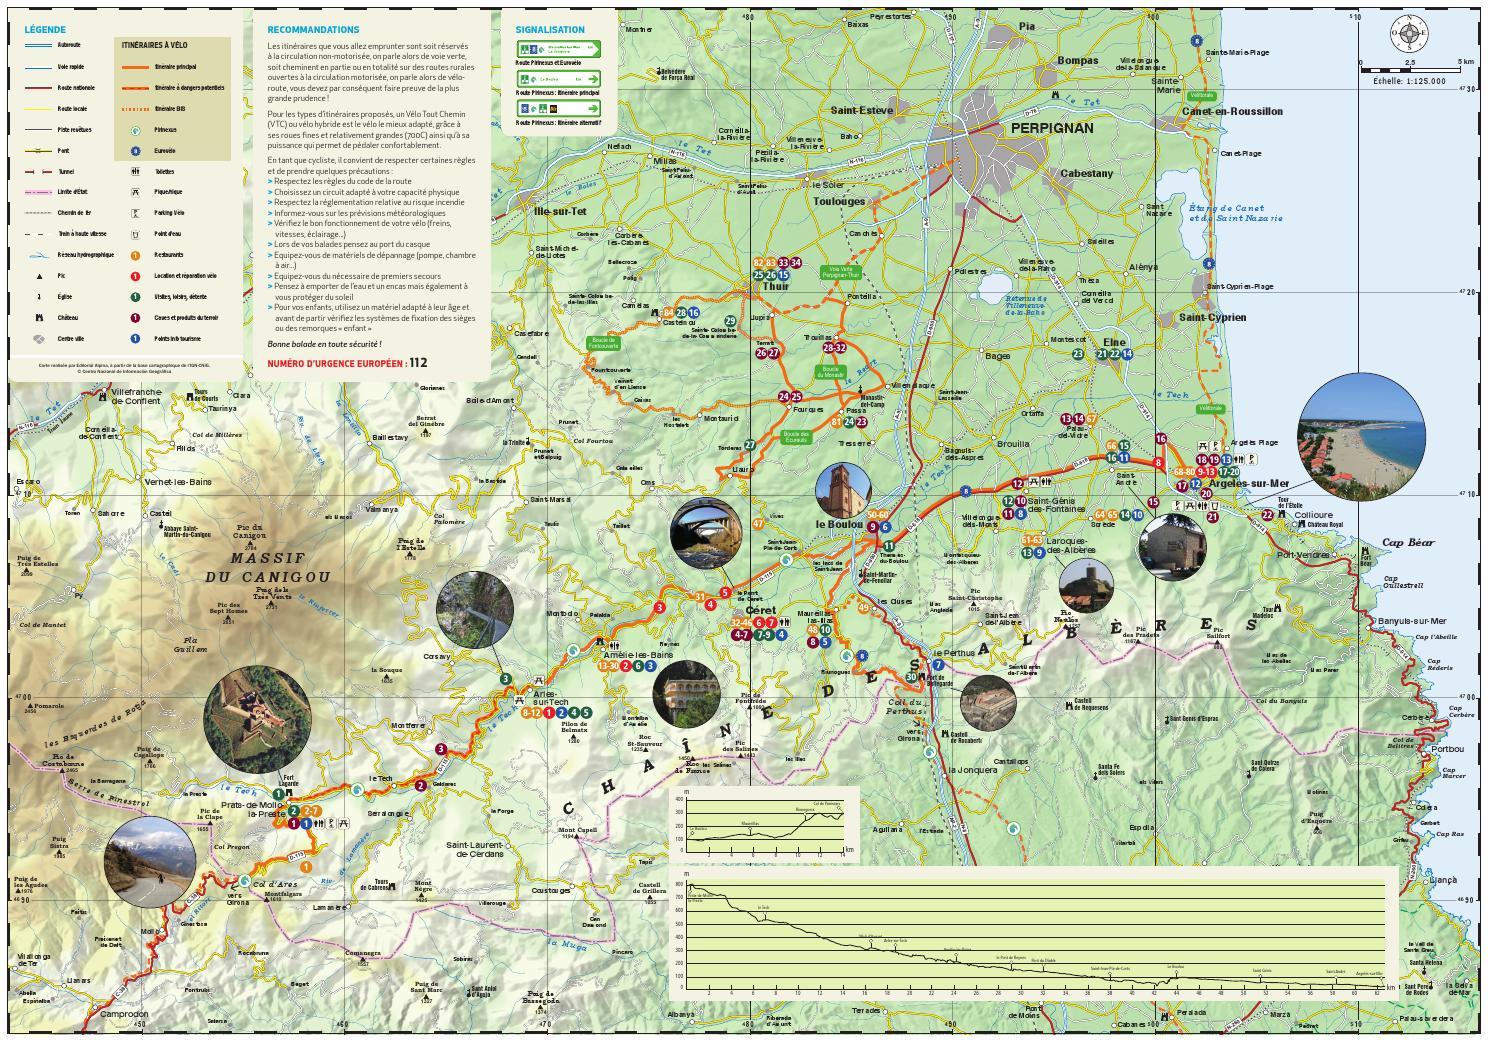 ISSUU - Carte itineraires velo route voie verte payspyrenees mediterranee by Argelès sur Mer